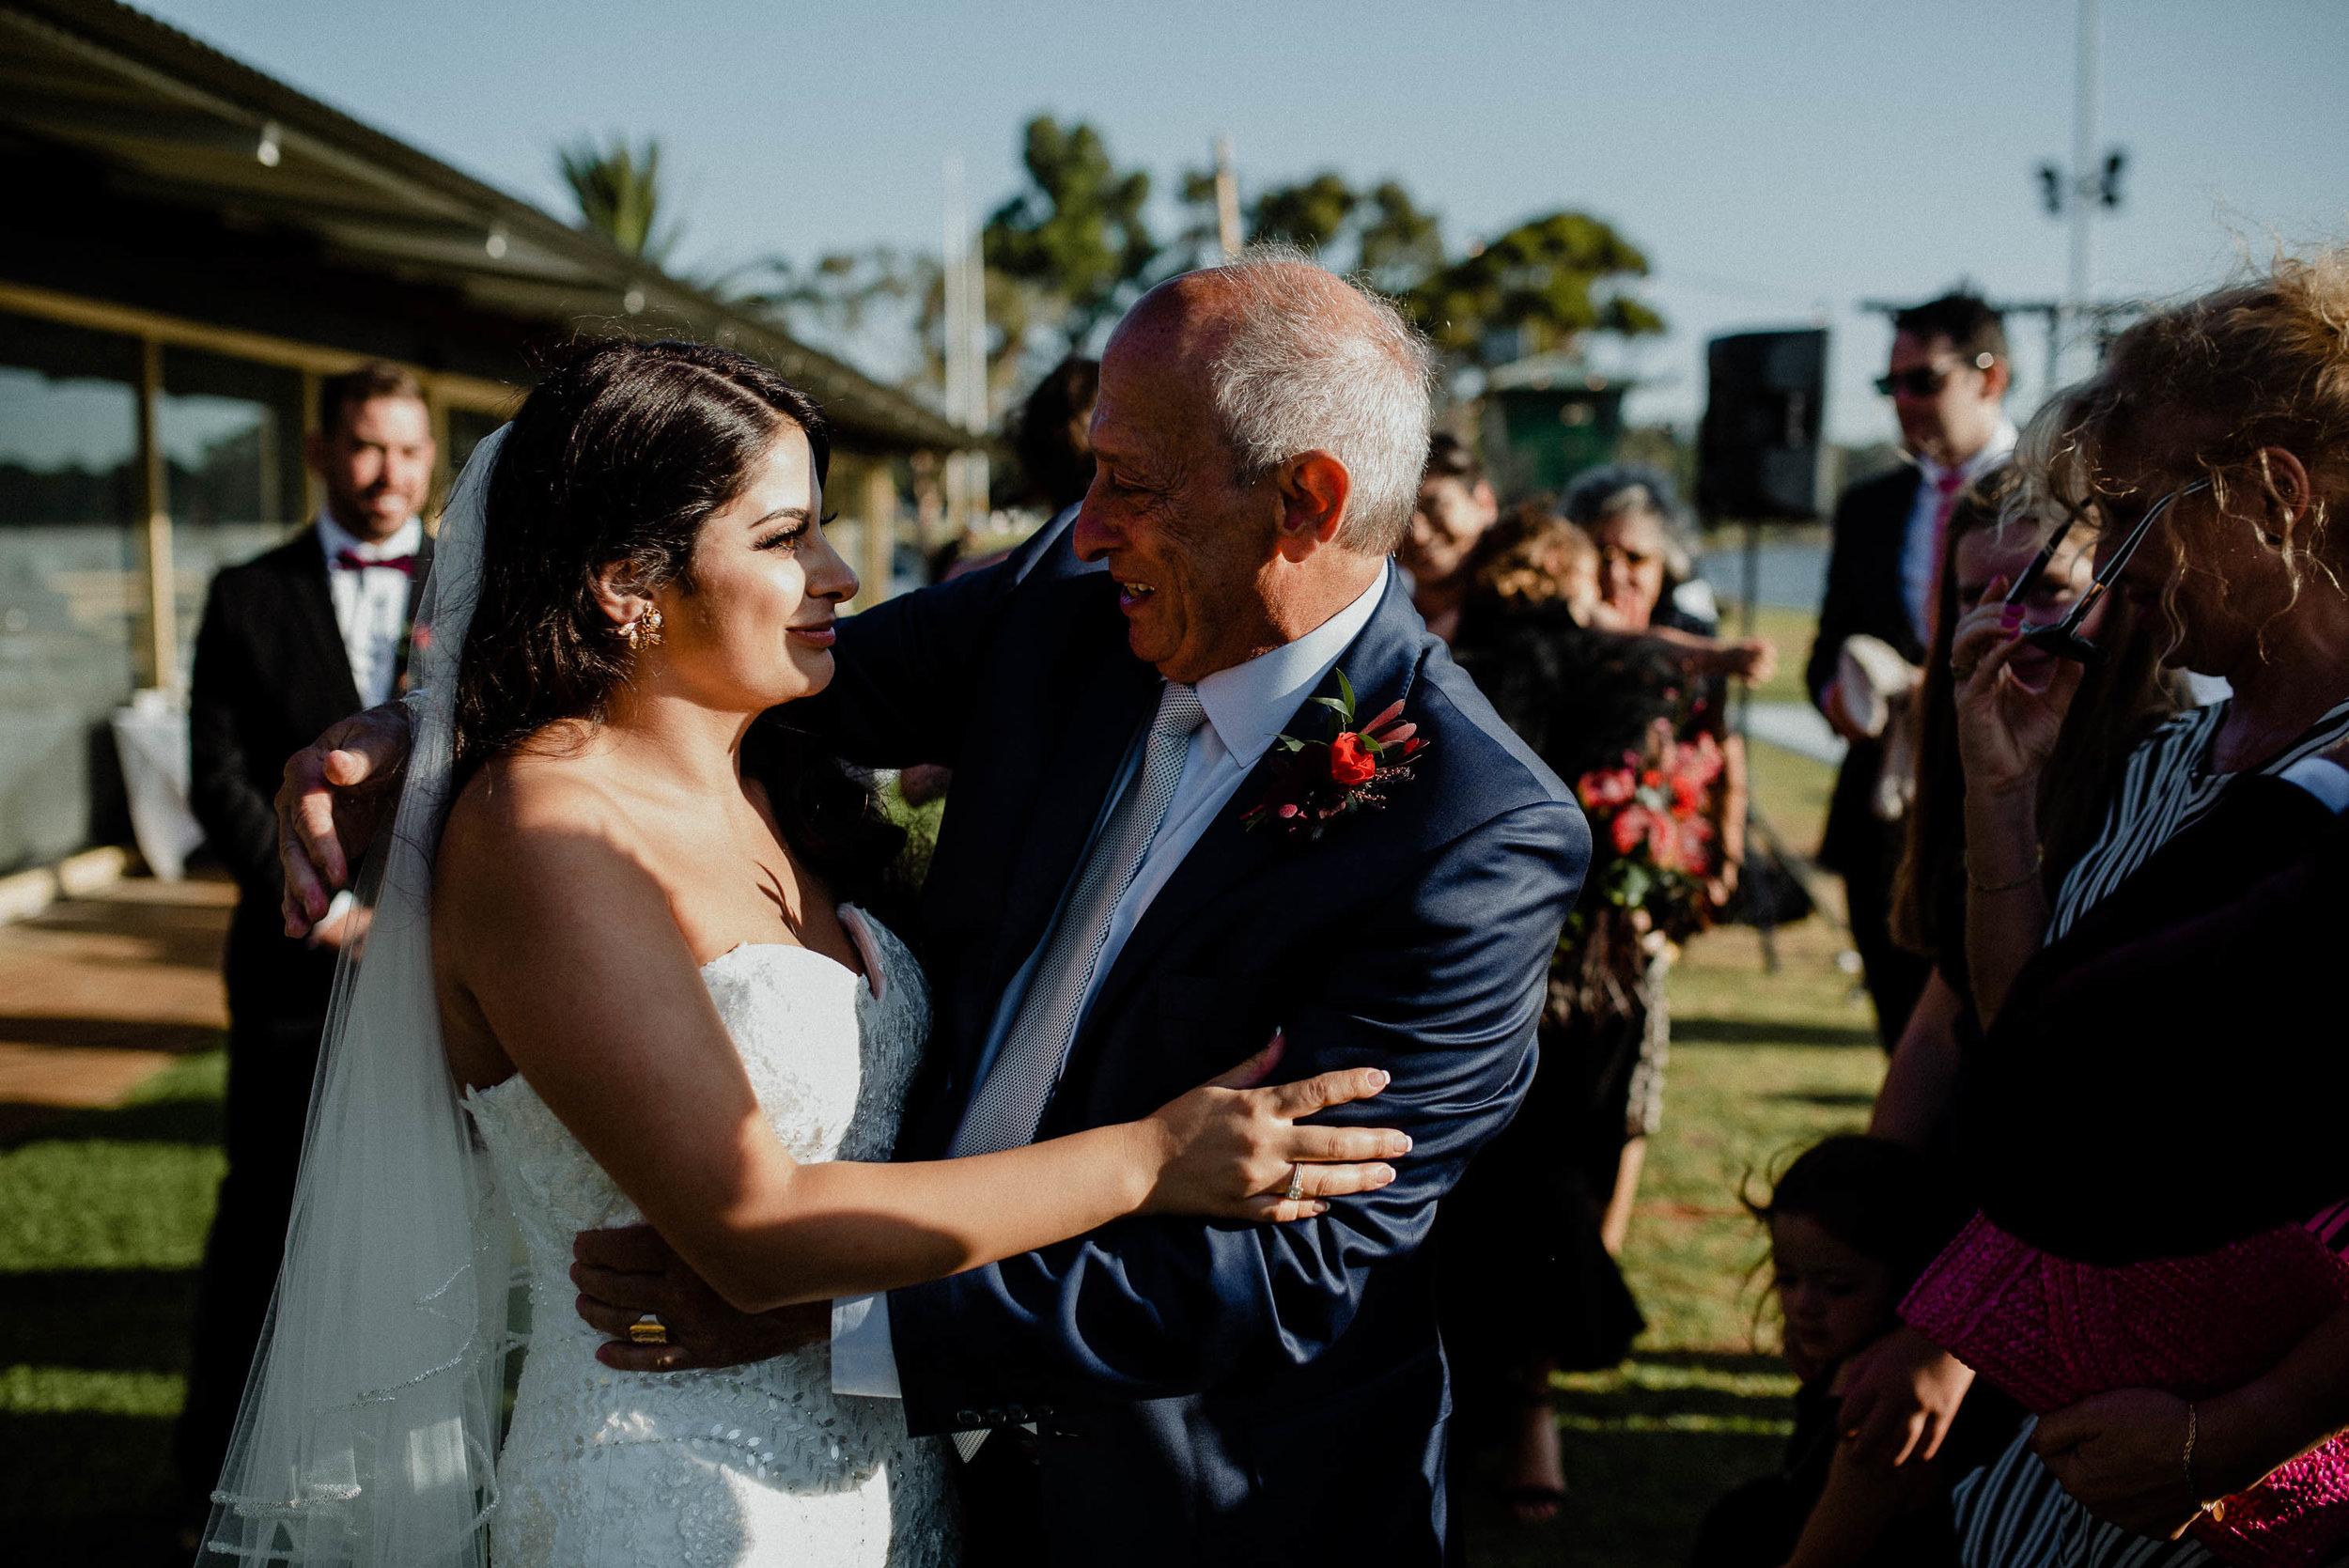 liz-adin-burswood-swan-wedding-sneaks-25.JPG